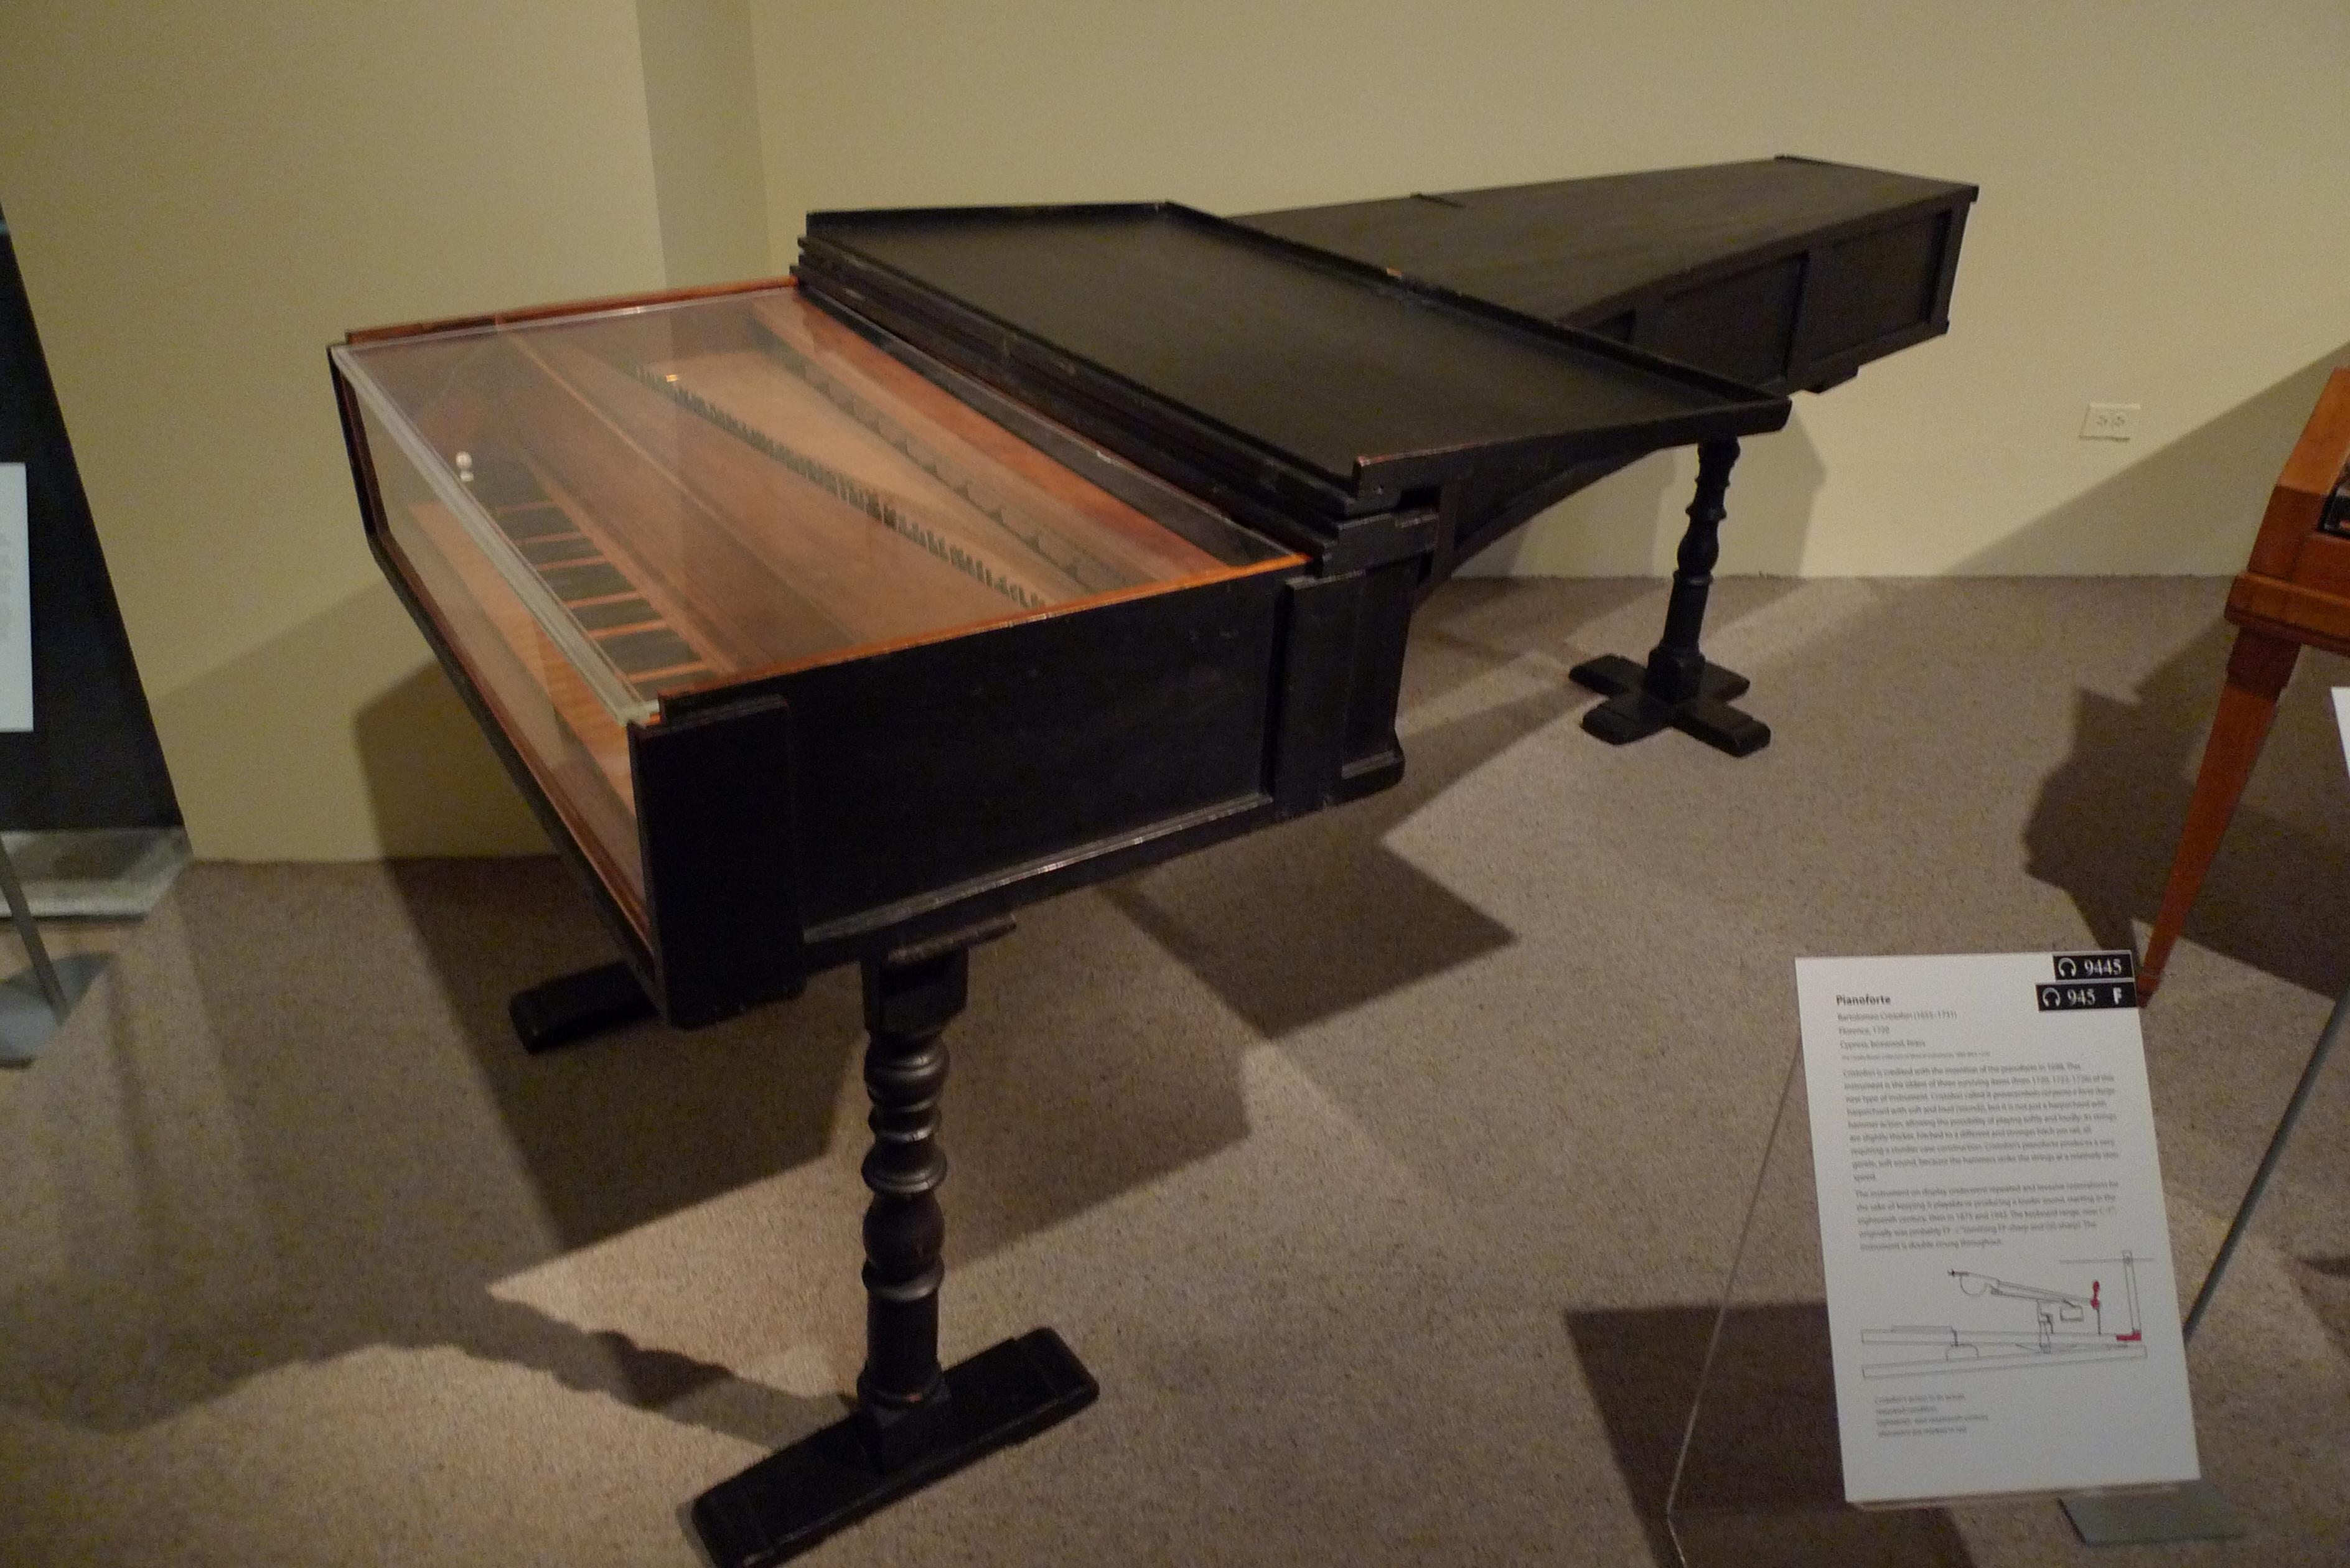 El piano de Bartolomeo Cristofori - 3776x2520